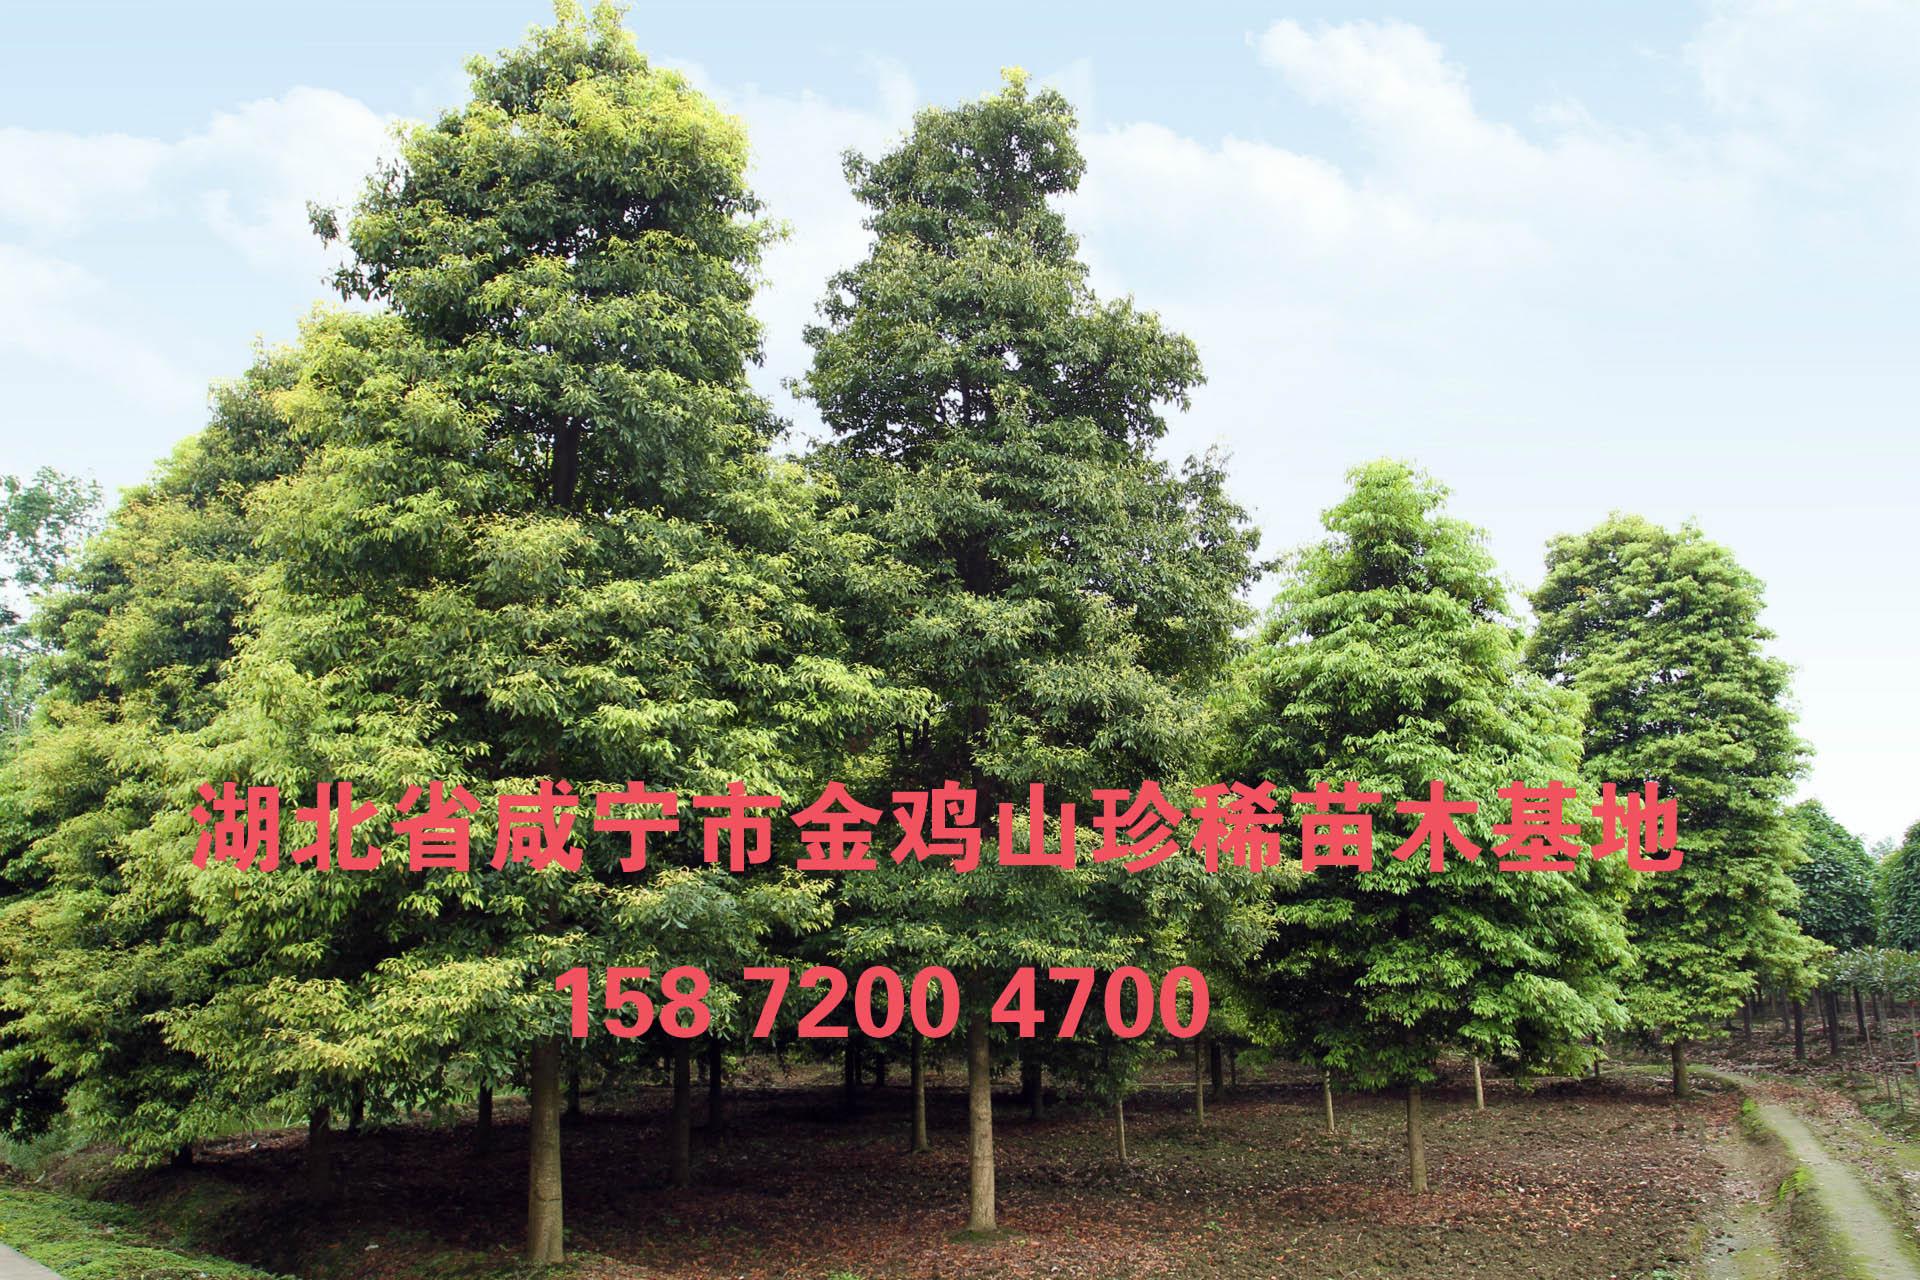 金丝楠木树苗图片|金丝楠木树苗样板图|金丝楠木树苗